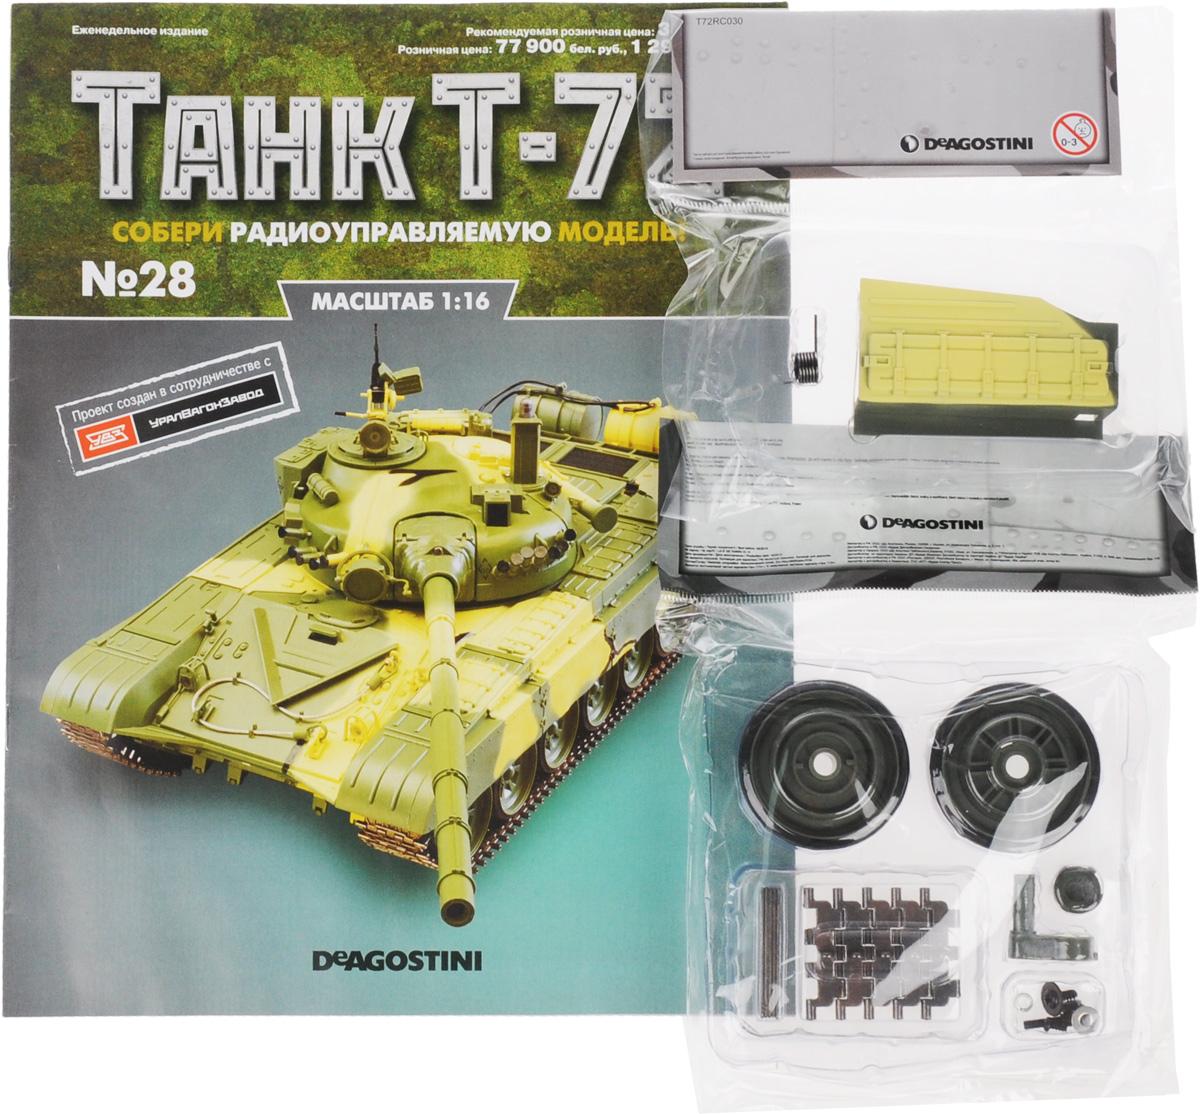 Журнал Танк Т-72 №28TRC028Перед вами - журнал из уникальной серии партворков Танк Т-72 с увлекательной информацией о легендарных боевых машинах и элементами для сборки копии танка Т-72 в уменьшенном варианте 1:16. У вас есть возможность собственноручно создать высококачественную модель этого знаменитого танка с достоверным воспроизведением всех элементов, сохранением функций подлинной боевой машины и дистанционным управлением. В комплекте: 1. Часть надгусеничной полки для левого борта 2. Траки со штифтами. Категория 16+.